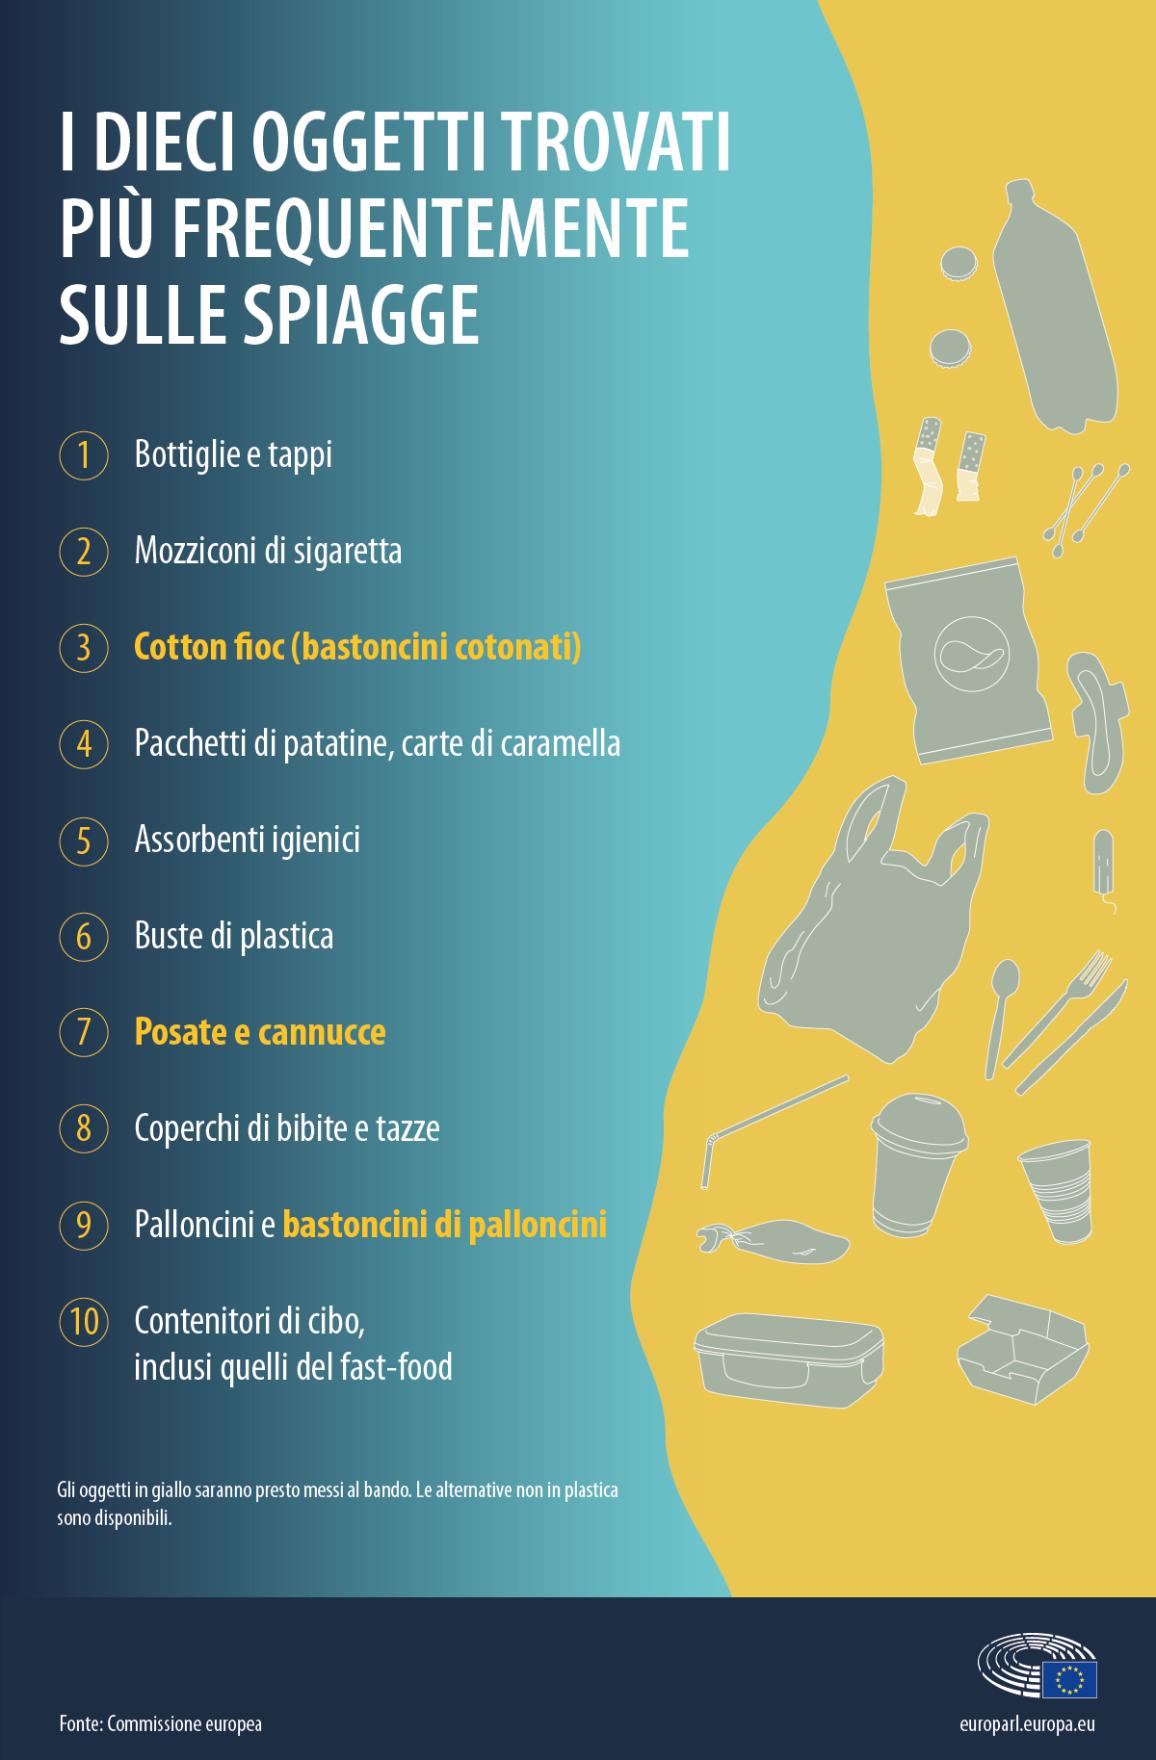 Lista dei 10 prodotti di plastica monouso più largamente trovati sulle spiagge